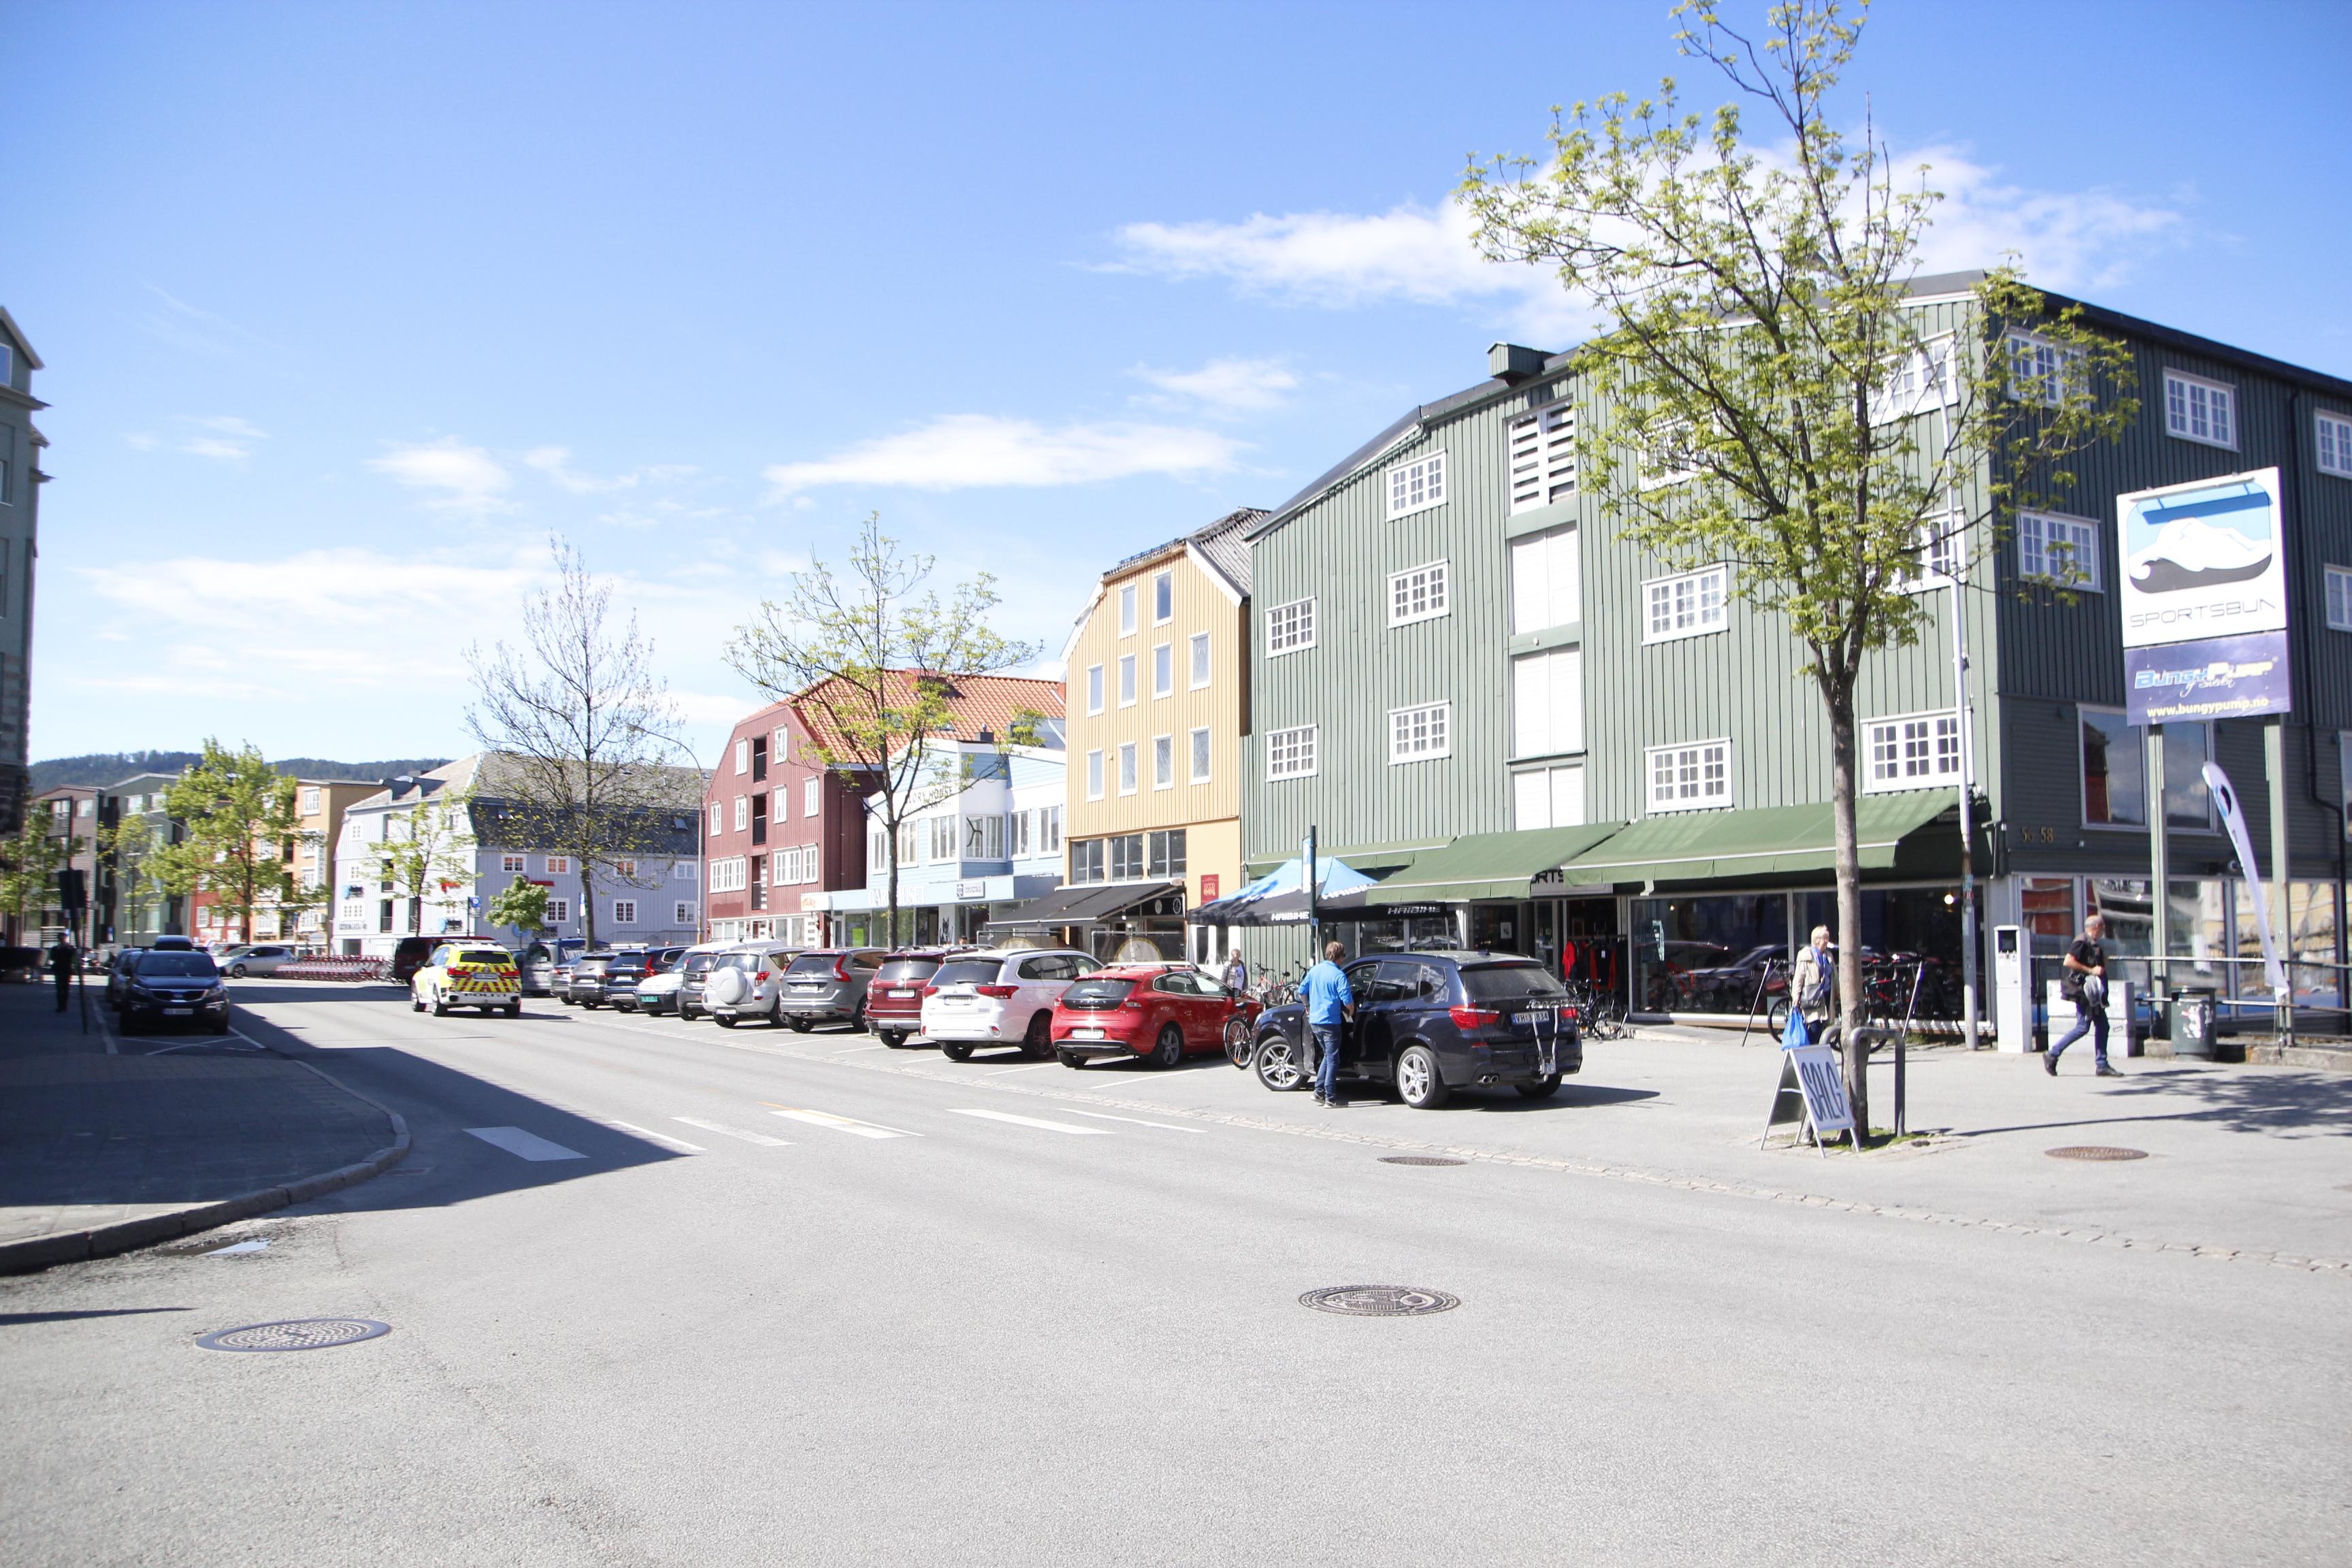 Bred på sitt bredeste. Deler av Fjordgata har stor bredde og svarer i dag til behovene til flere som driver handelsvirksomhet med store varer som møbler, instrumenter og tungt sportsutstyr. Flere respondenter i NiTs undersøkelse peker på at arealet bak bryggene mot kanalen burde kunne utnyttes til parkering eller sykkelvei.